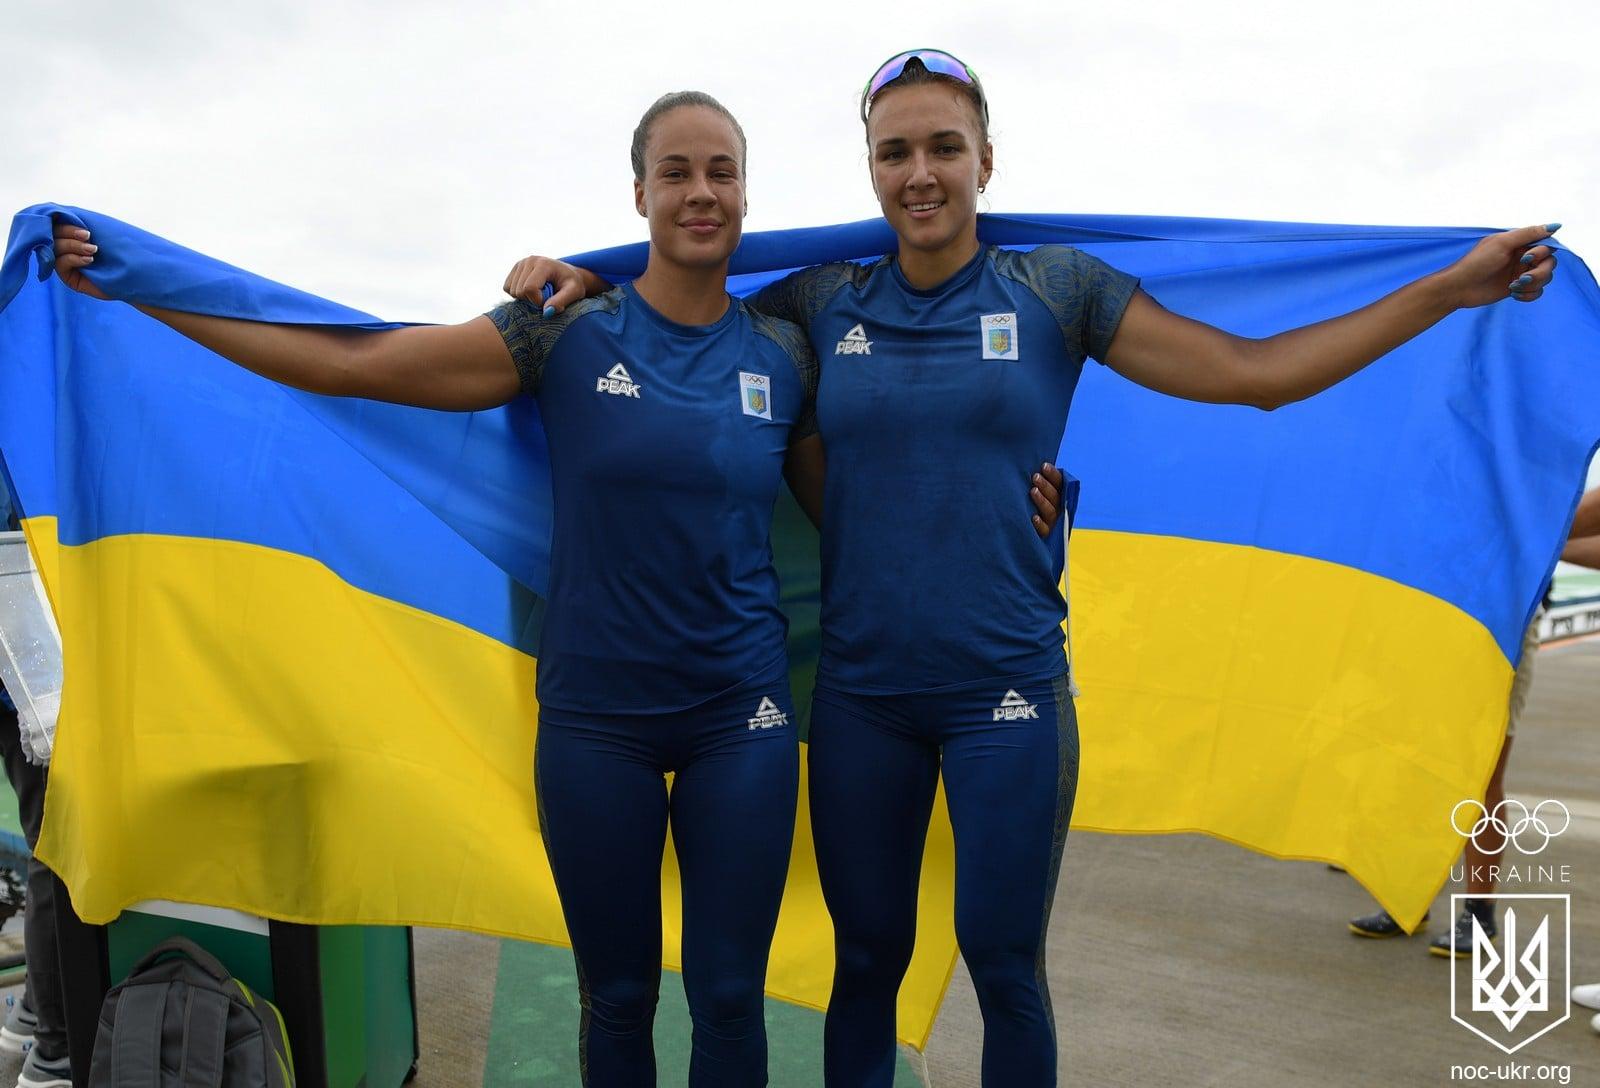 Українські веслувальниці Людмила Лузан та Анастасія Четверикова